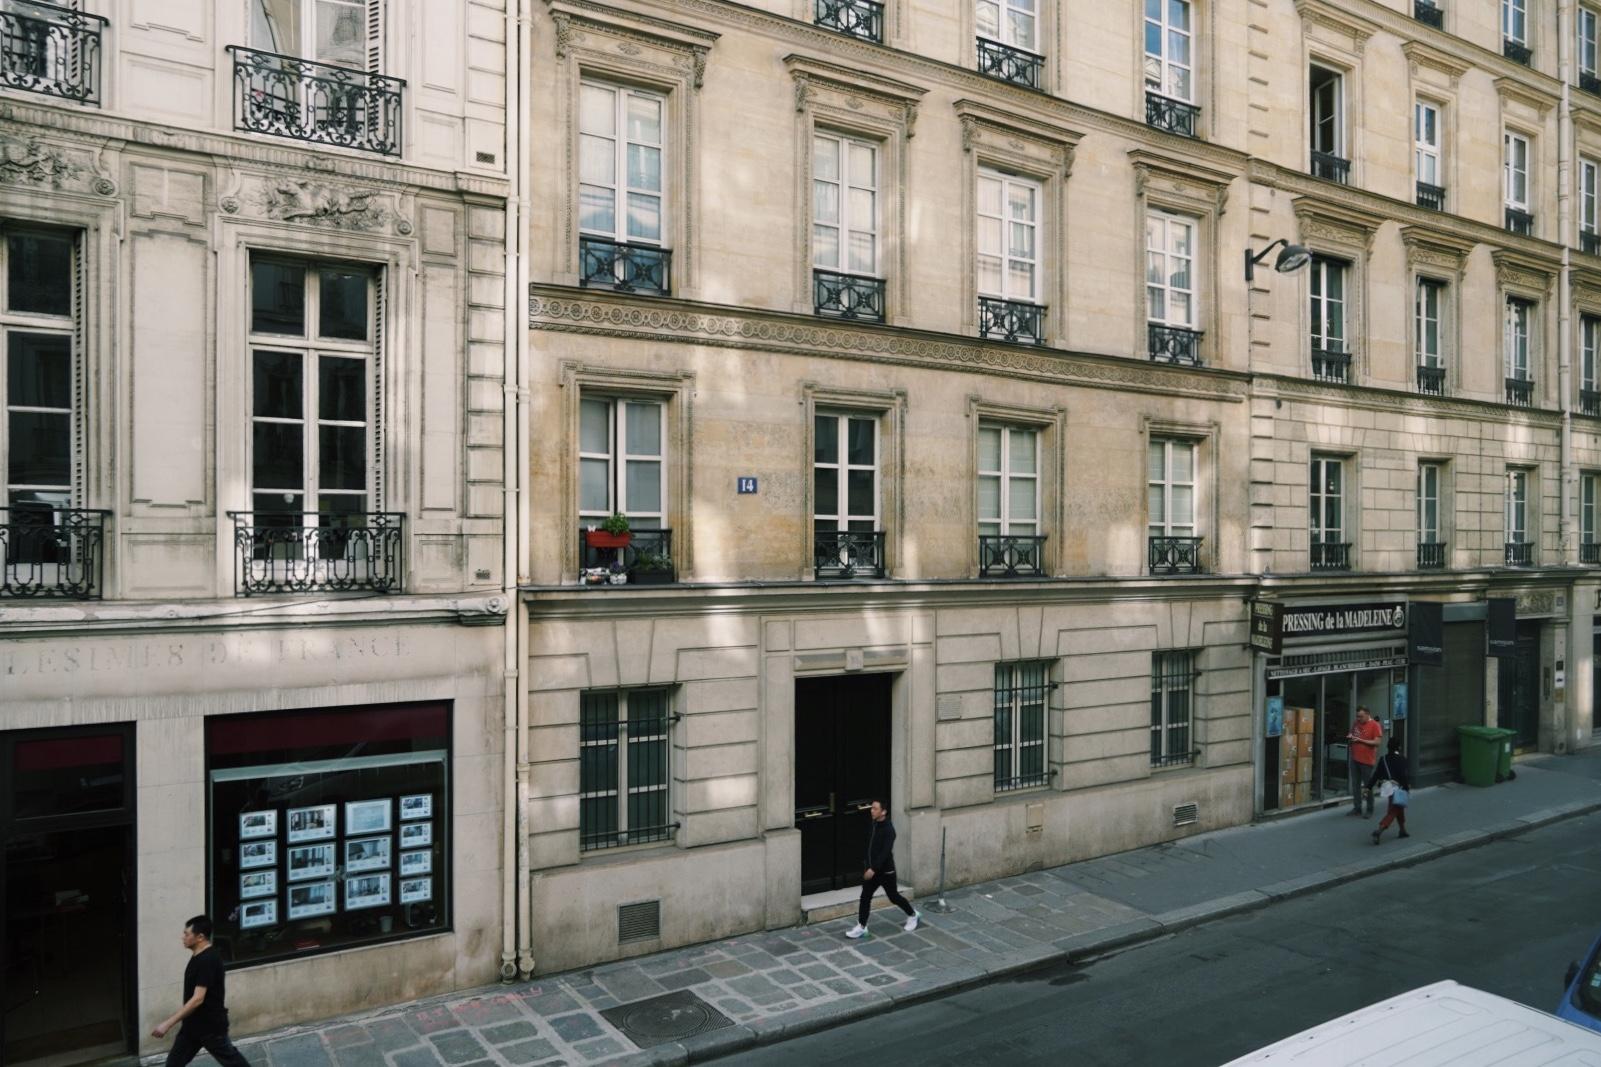 ホテル オペラ マリニー(マリグニー)窓からの景色